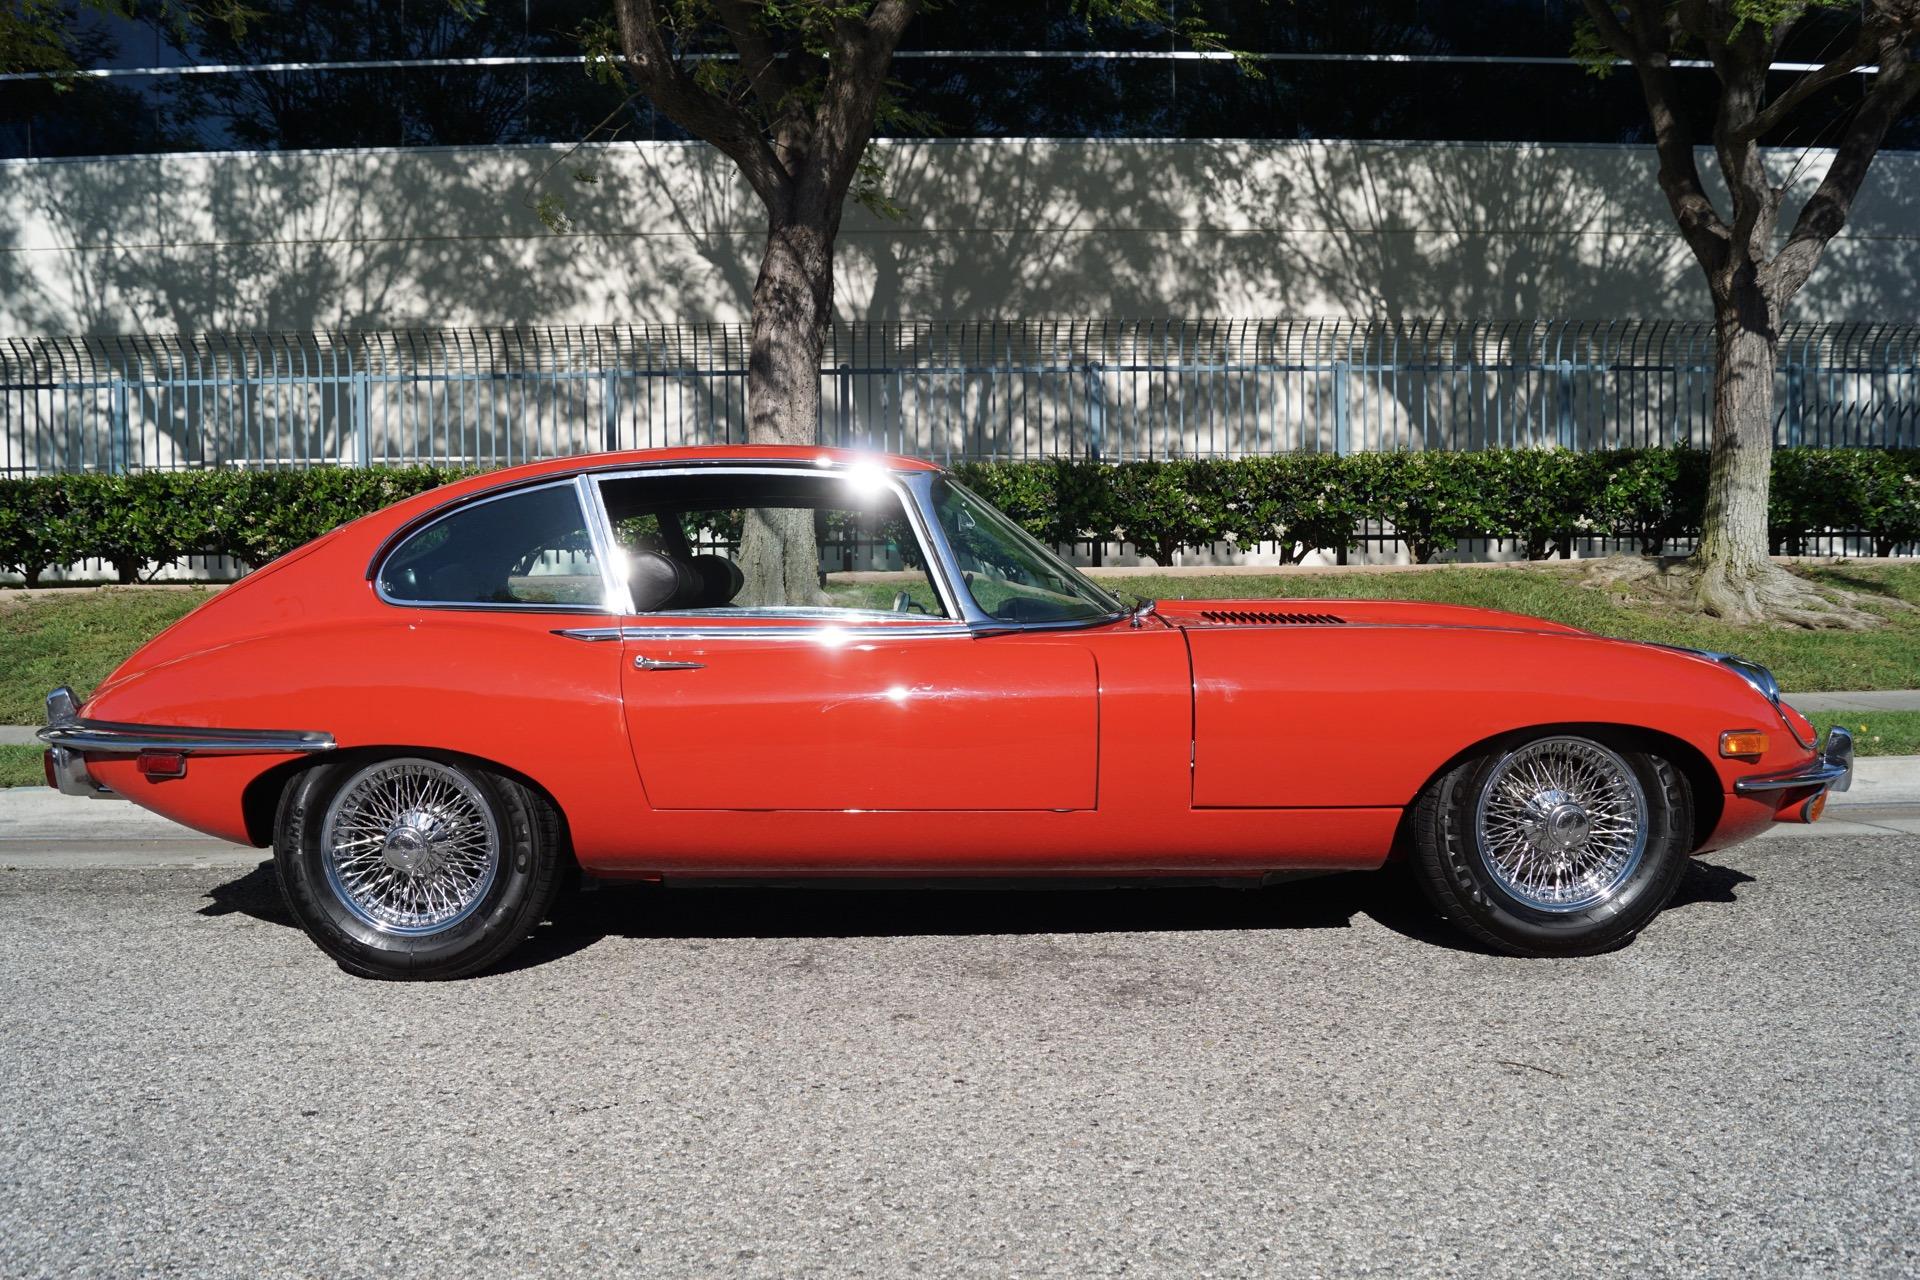 Used 1969 jaguar xke e type series ii black leather torrance ca